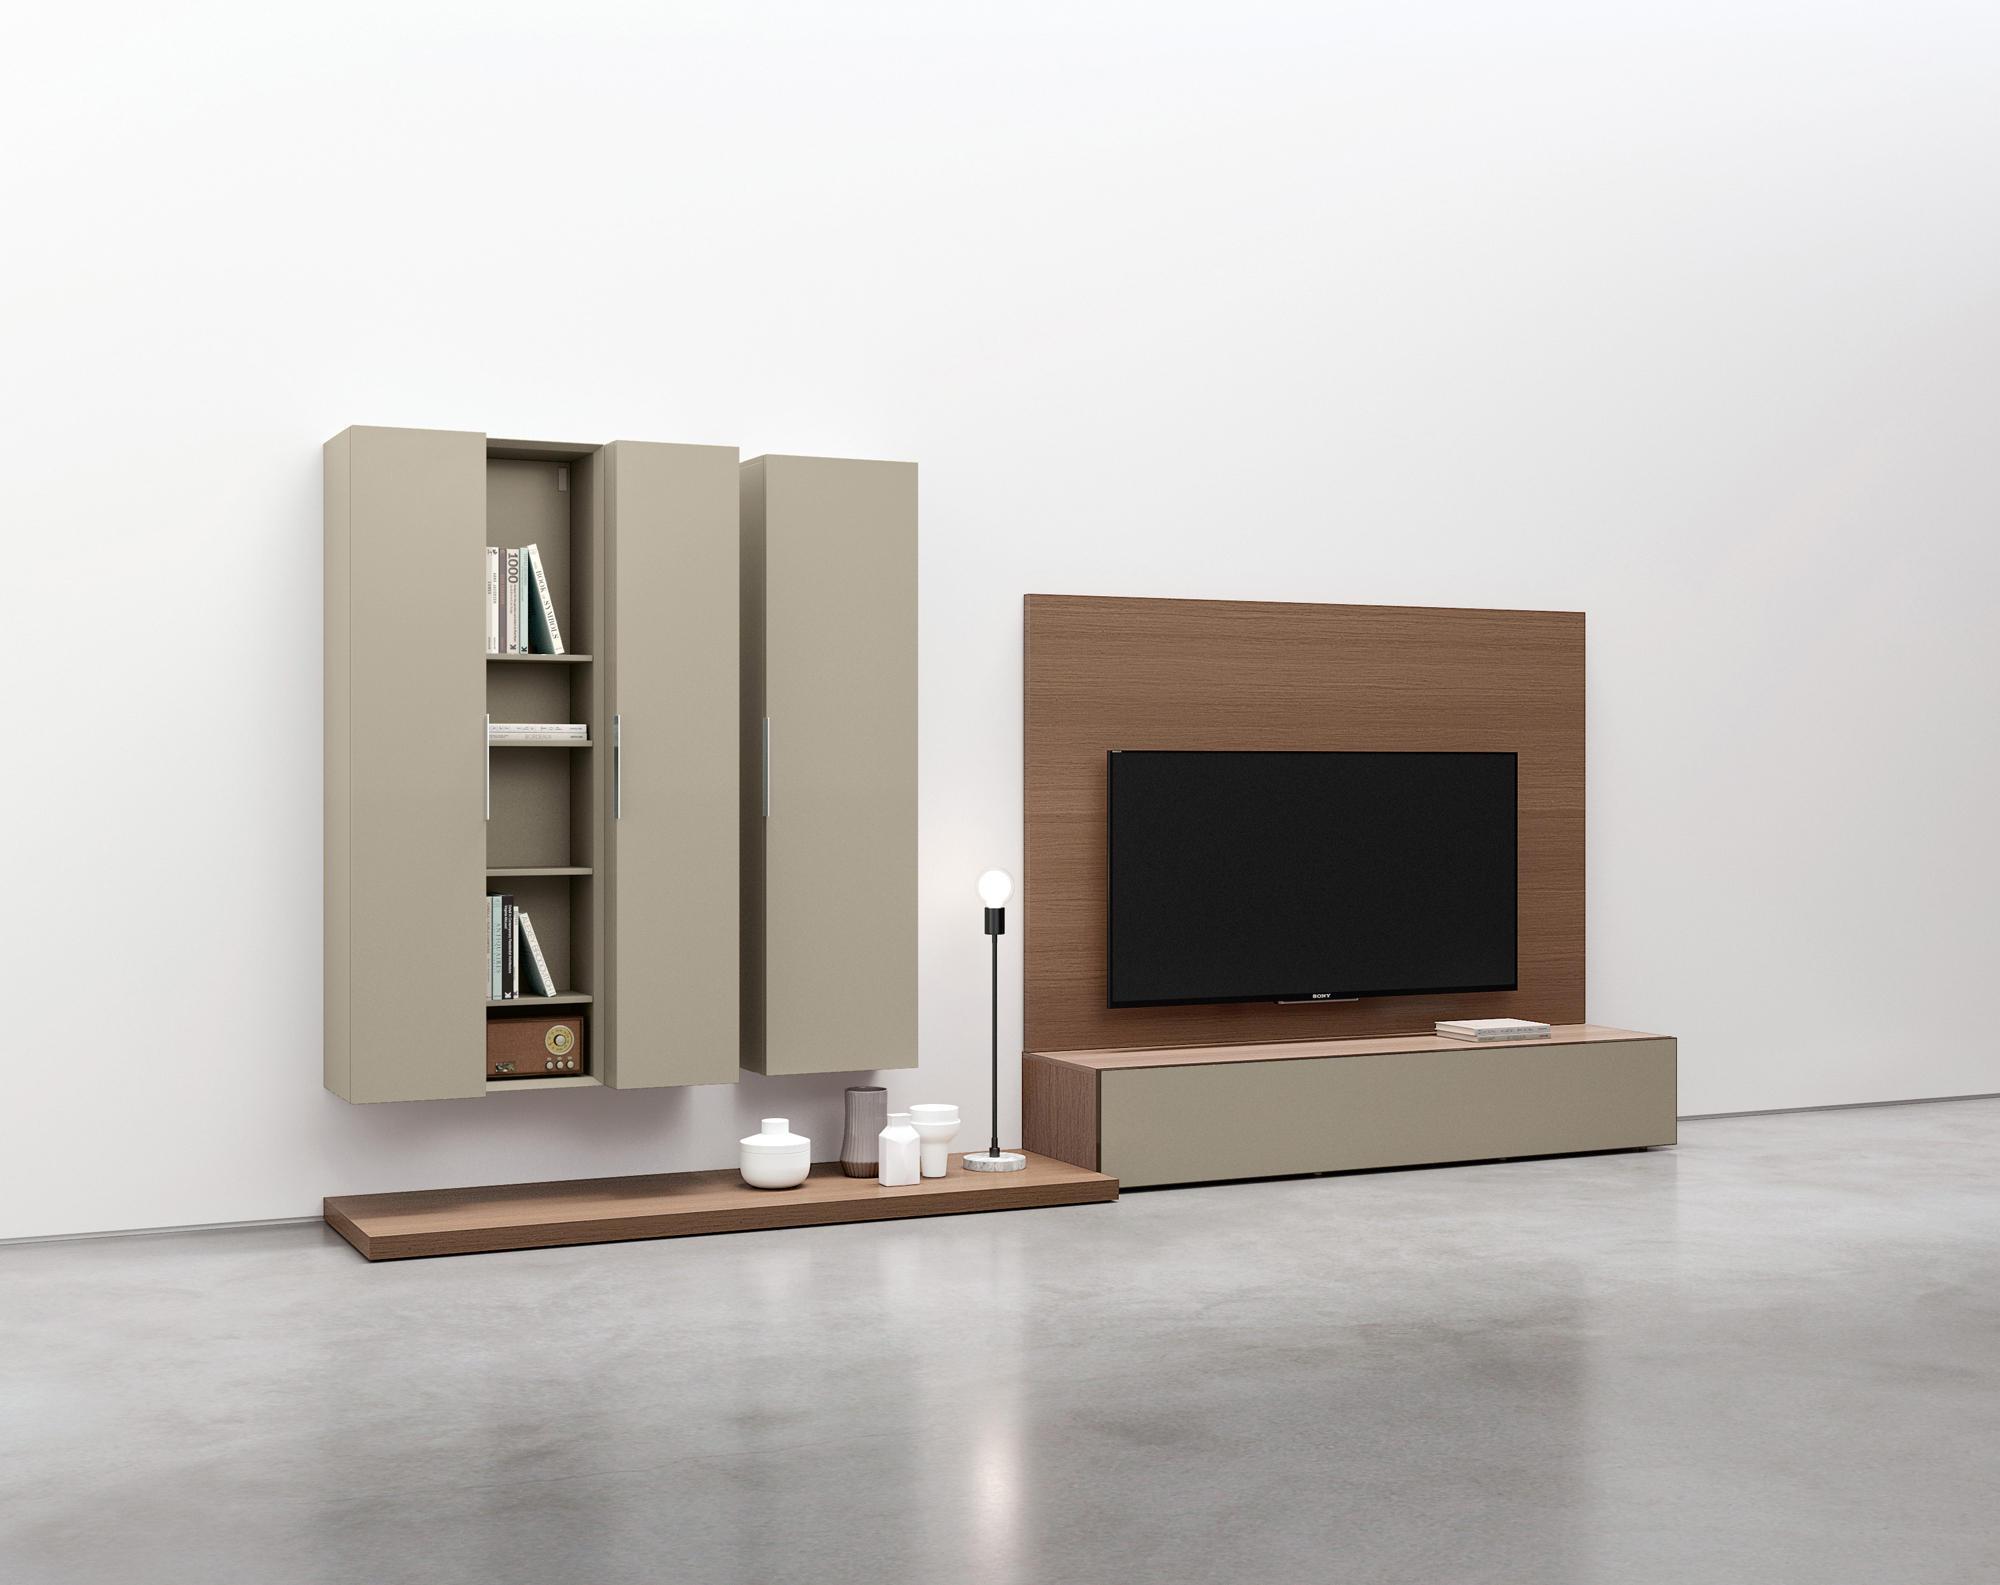 Spazio pregiate spazio di design architonic for Mobili di marca